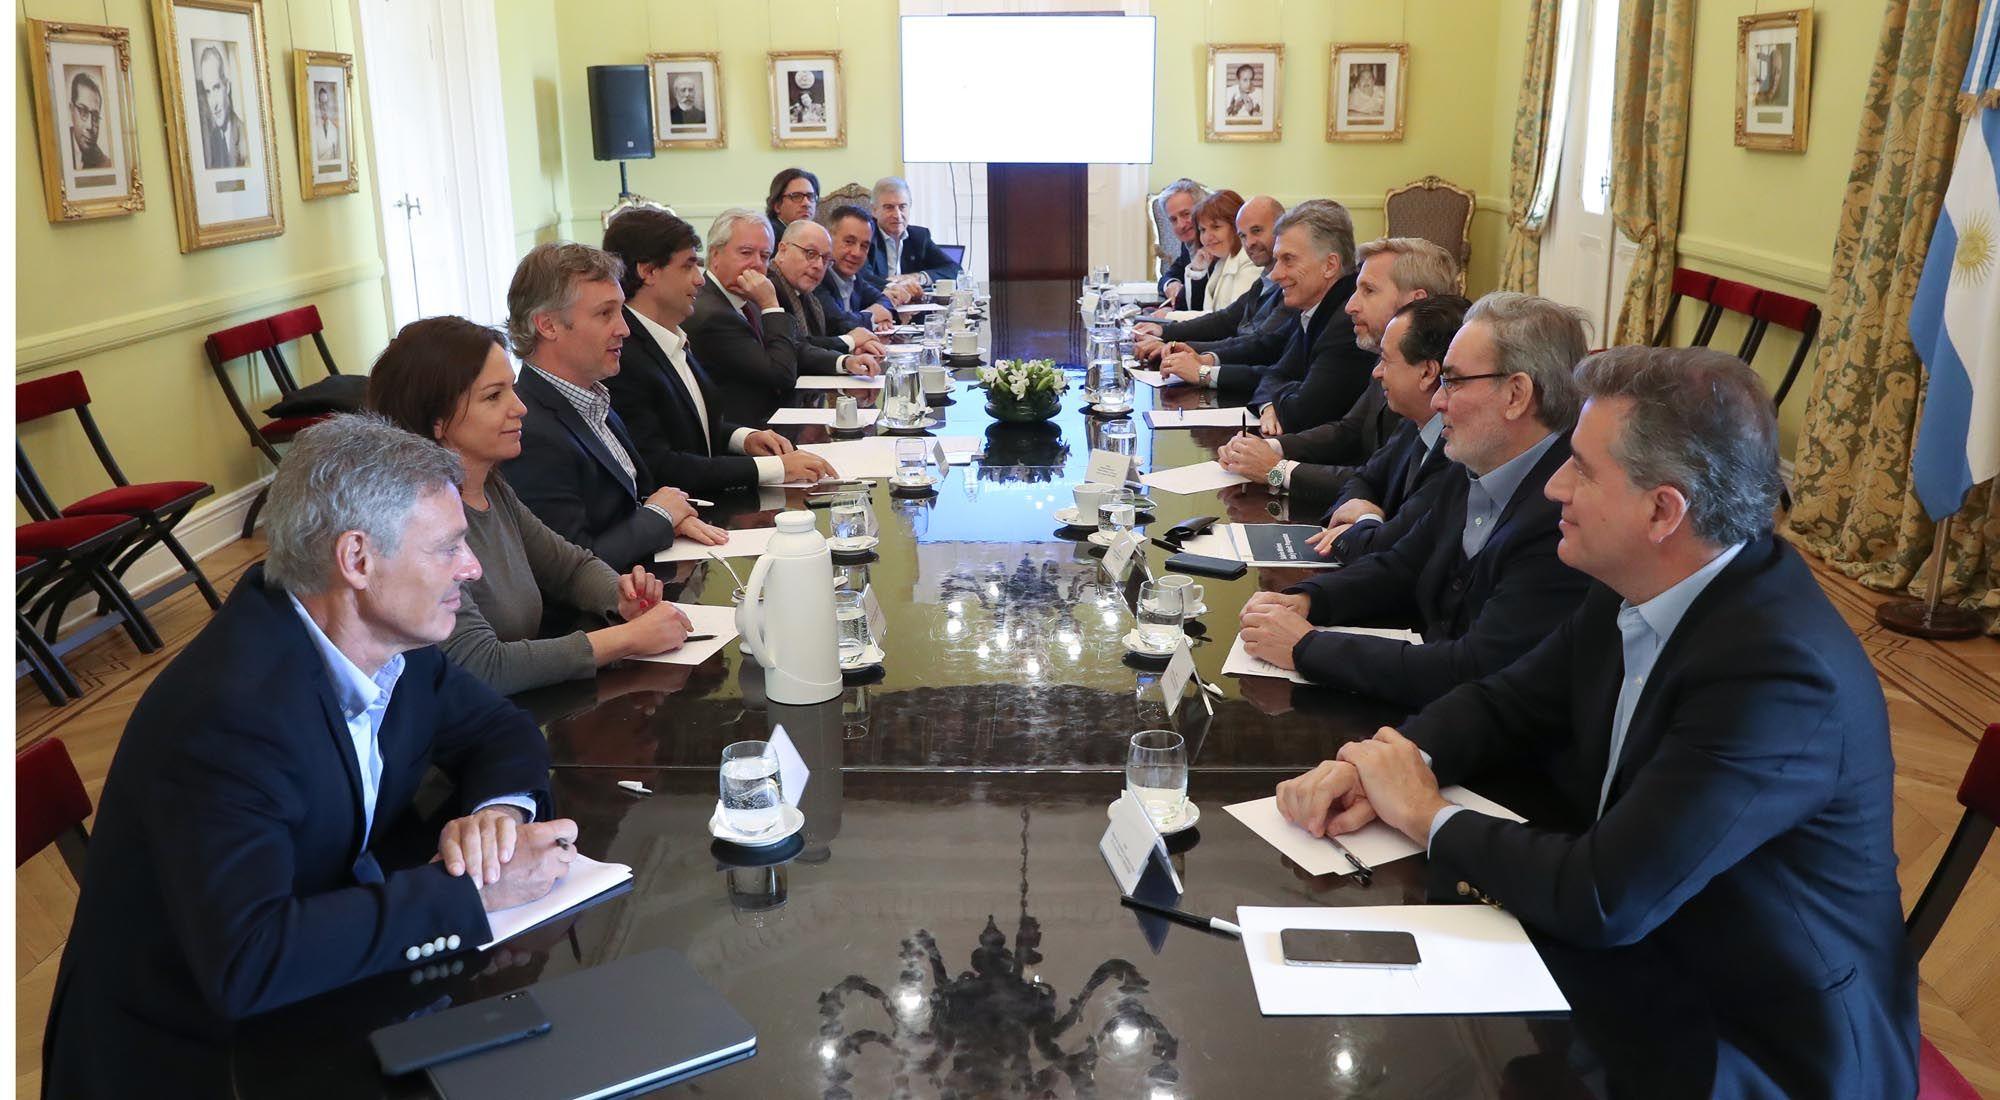 El Presidente Mauricio Macri encabeza una nueva reunión de gabinete en Casa Rosada.